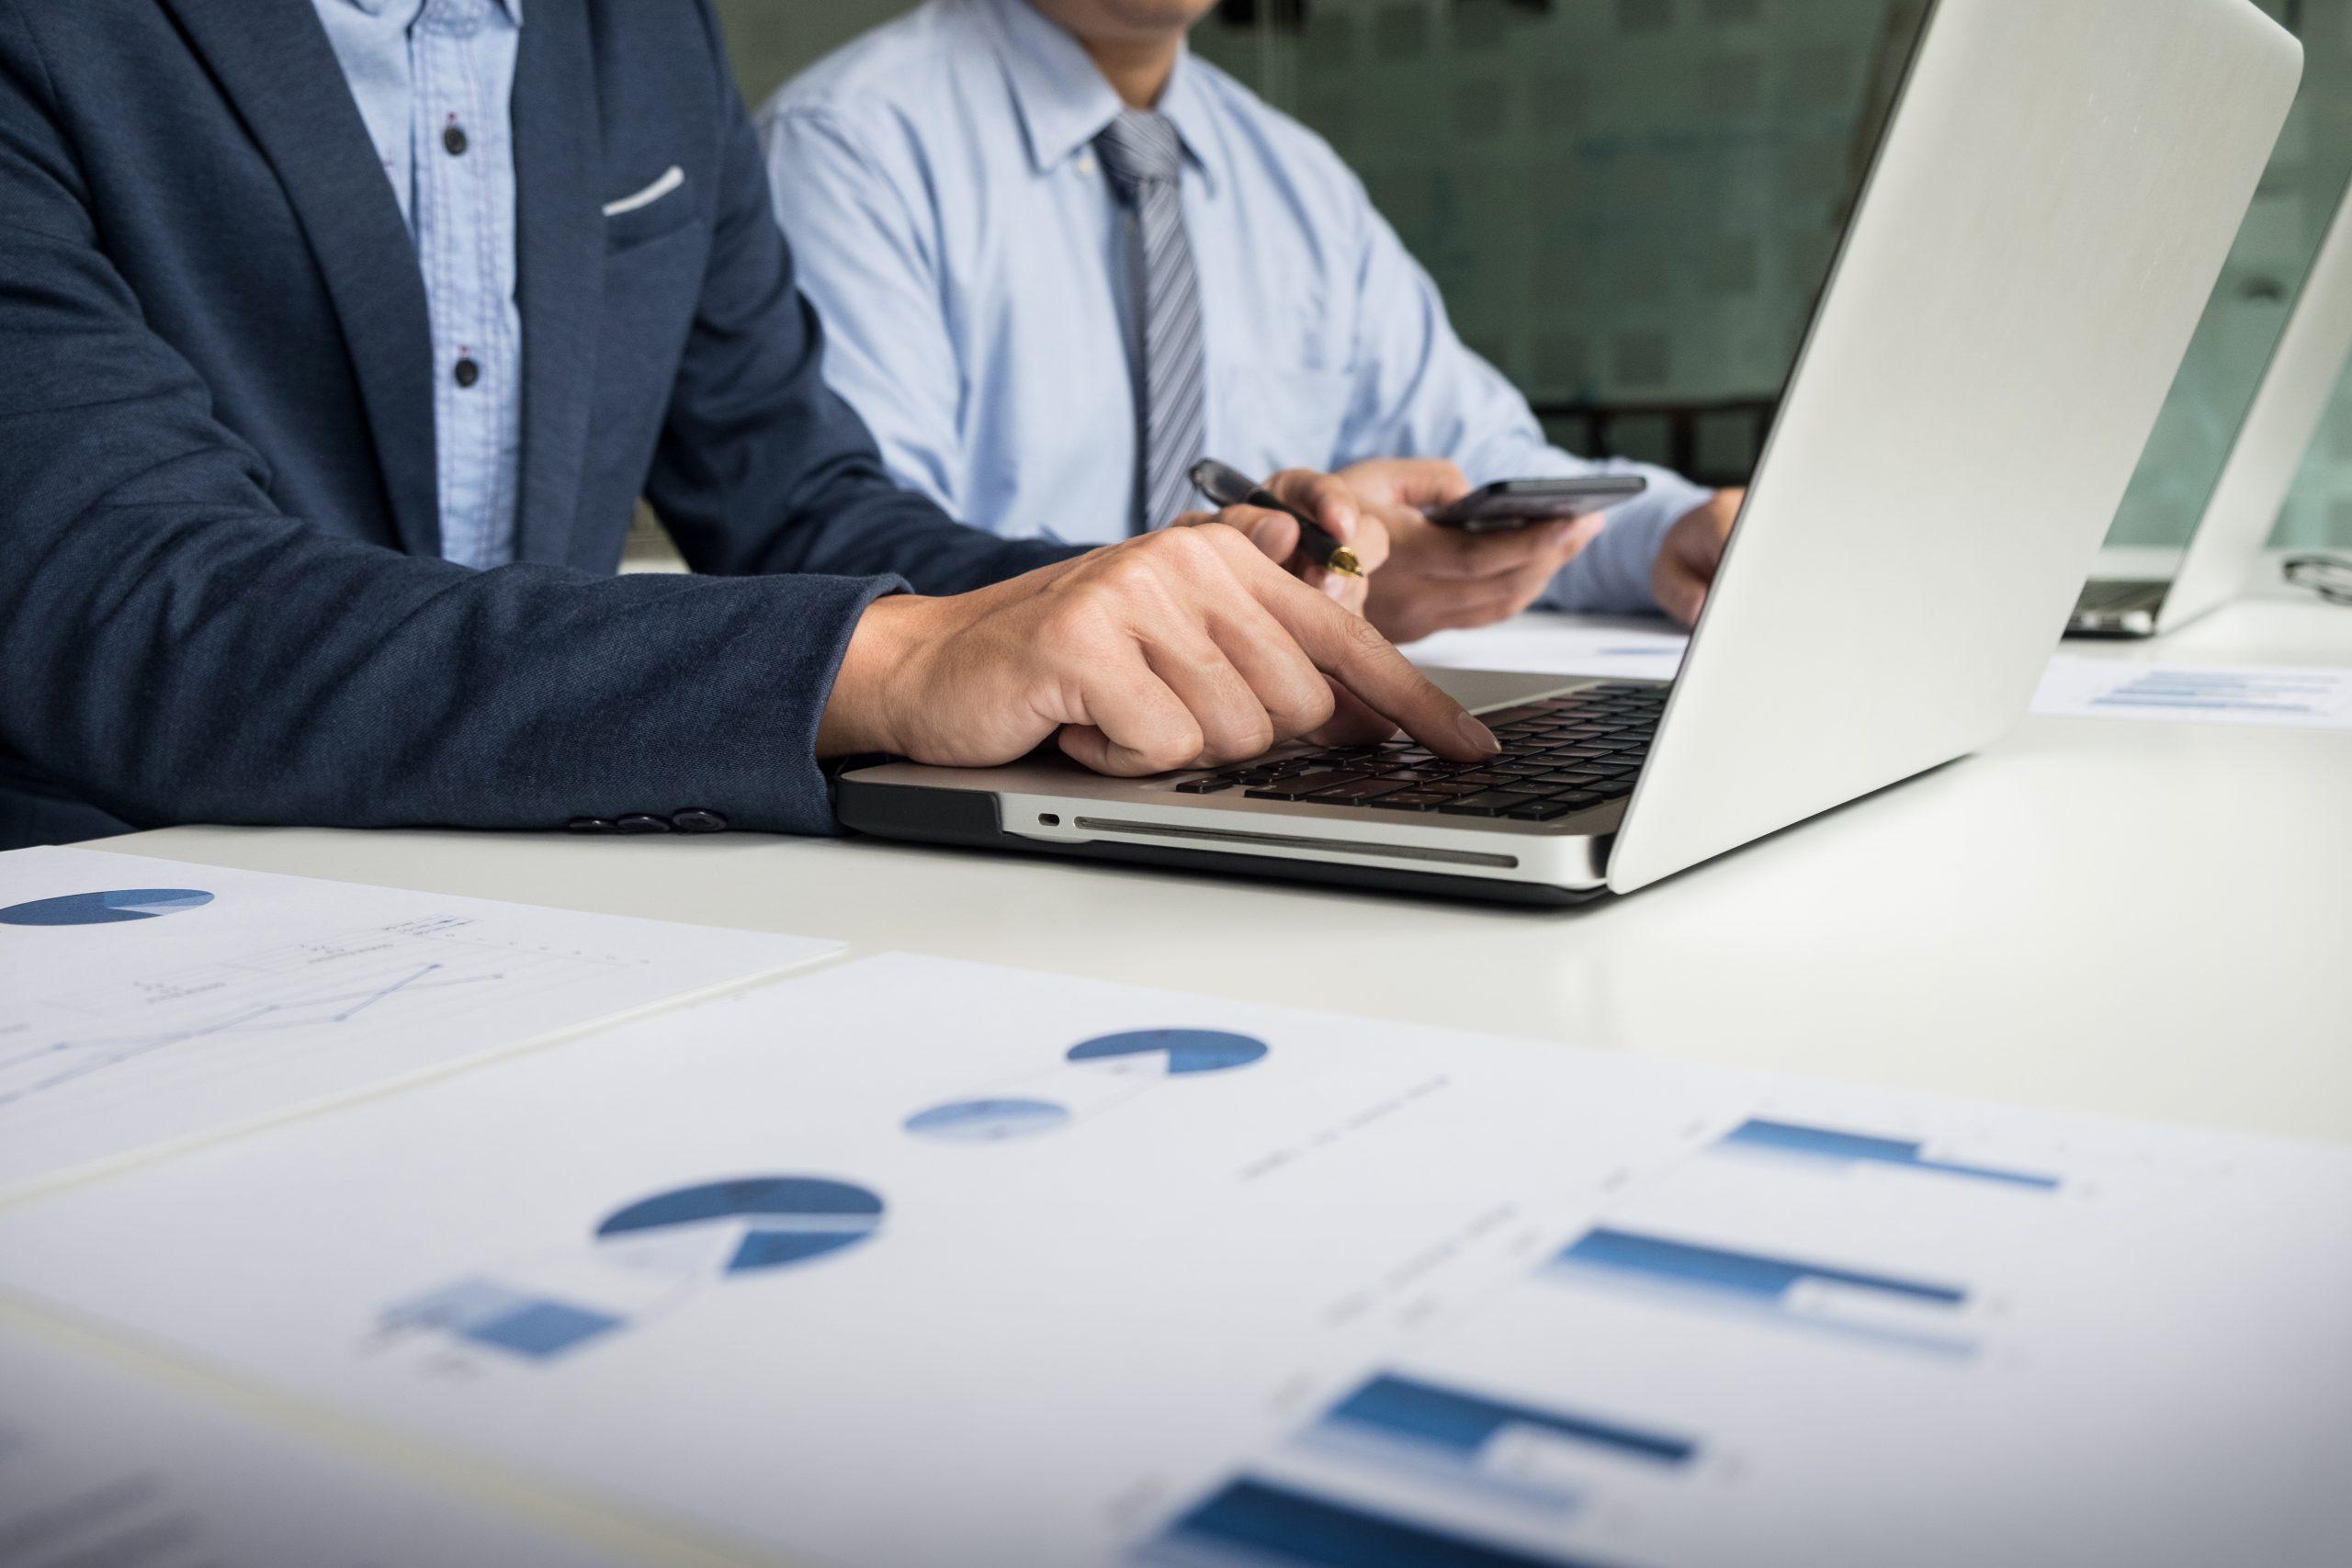 Tăng tốc quá trình chuyển đối số của doanh nghiệp theo thời gian